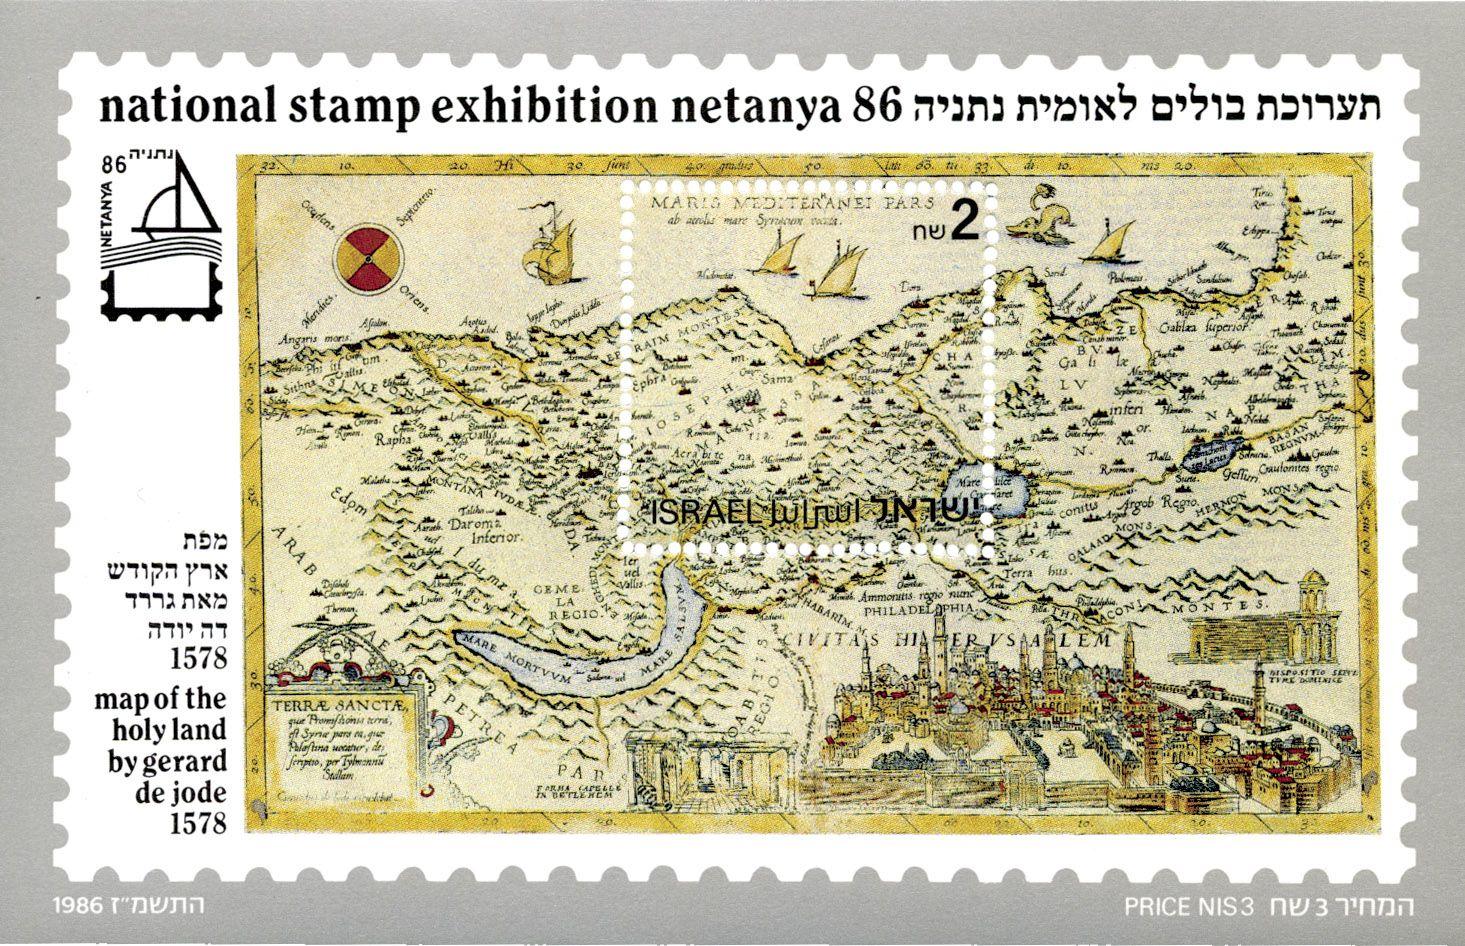 ISRAEL, 1986 Hoja recuerdo. Mapa de Tierra Santa de 1578